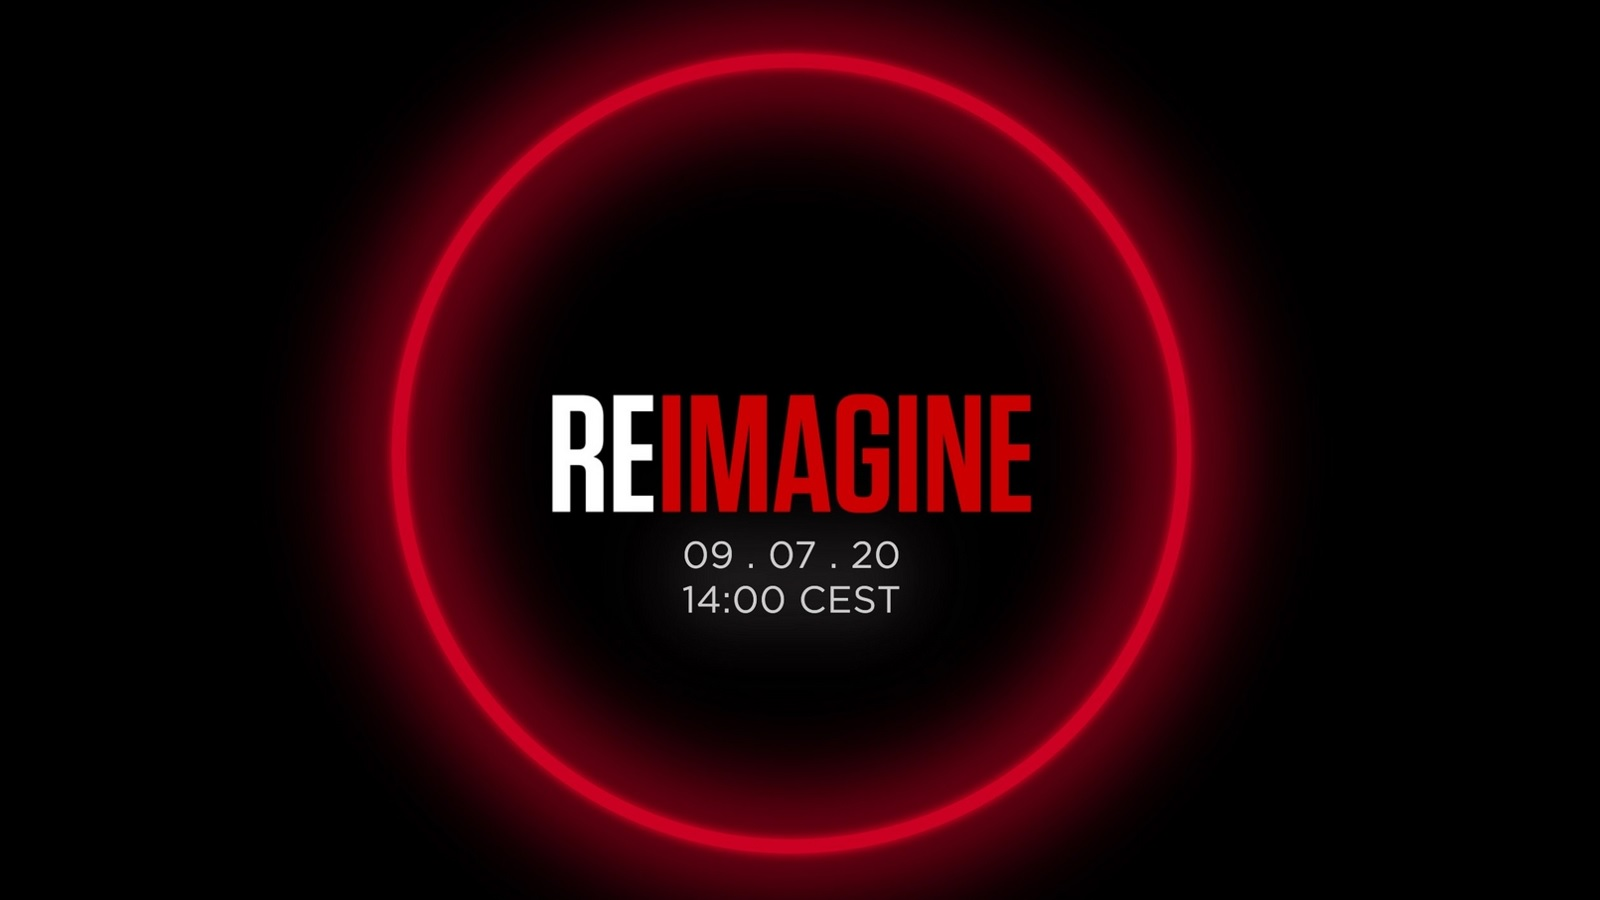 REIMAGINE, el evento en vivo de Canon – los nuevos productos de imágenes serán anunciados hoy a las 14:00 CEST